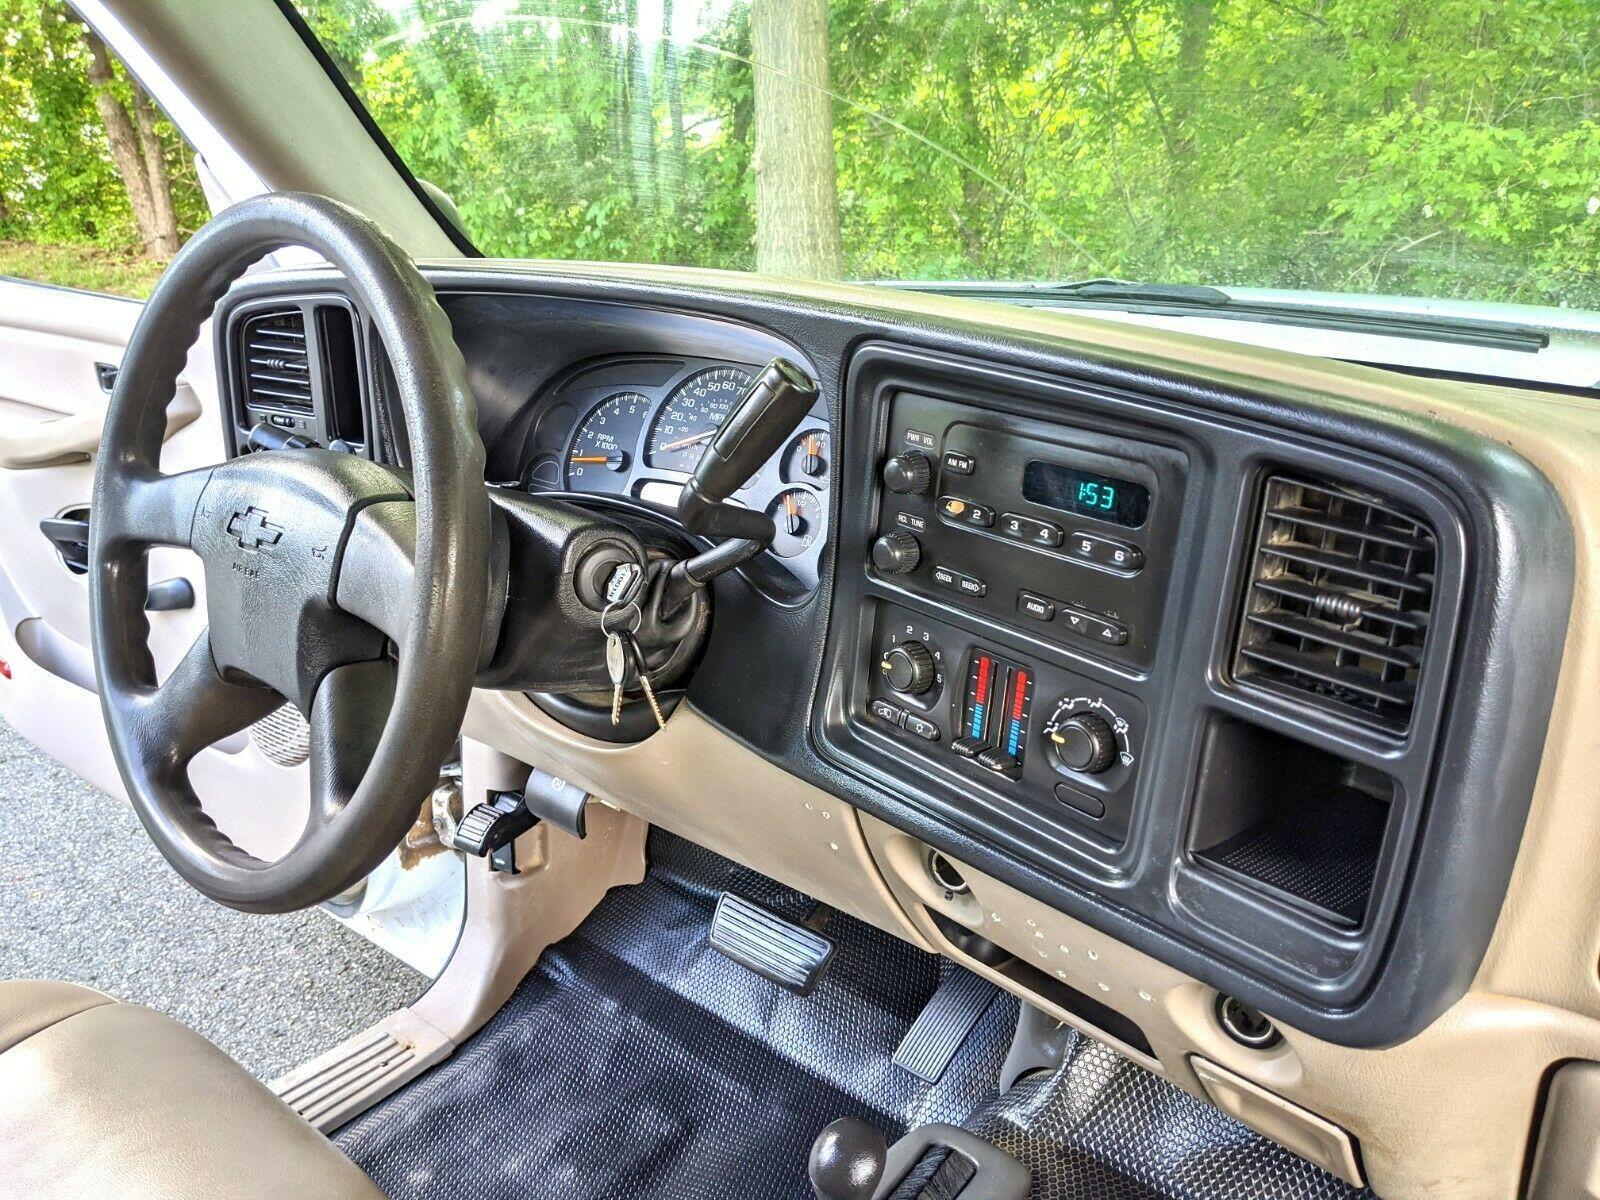 low miles 2006 Chevrolet Silverado 2500 lifted